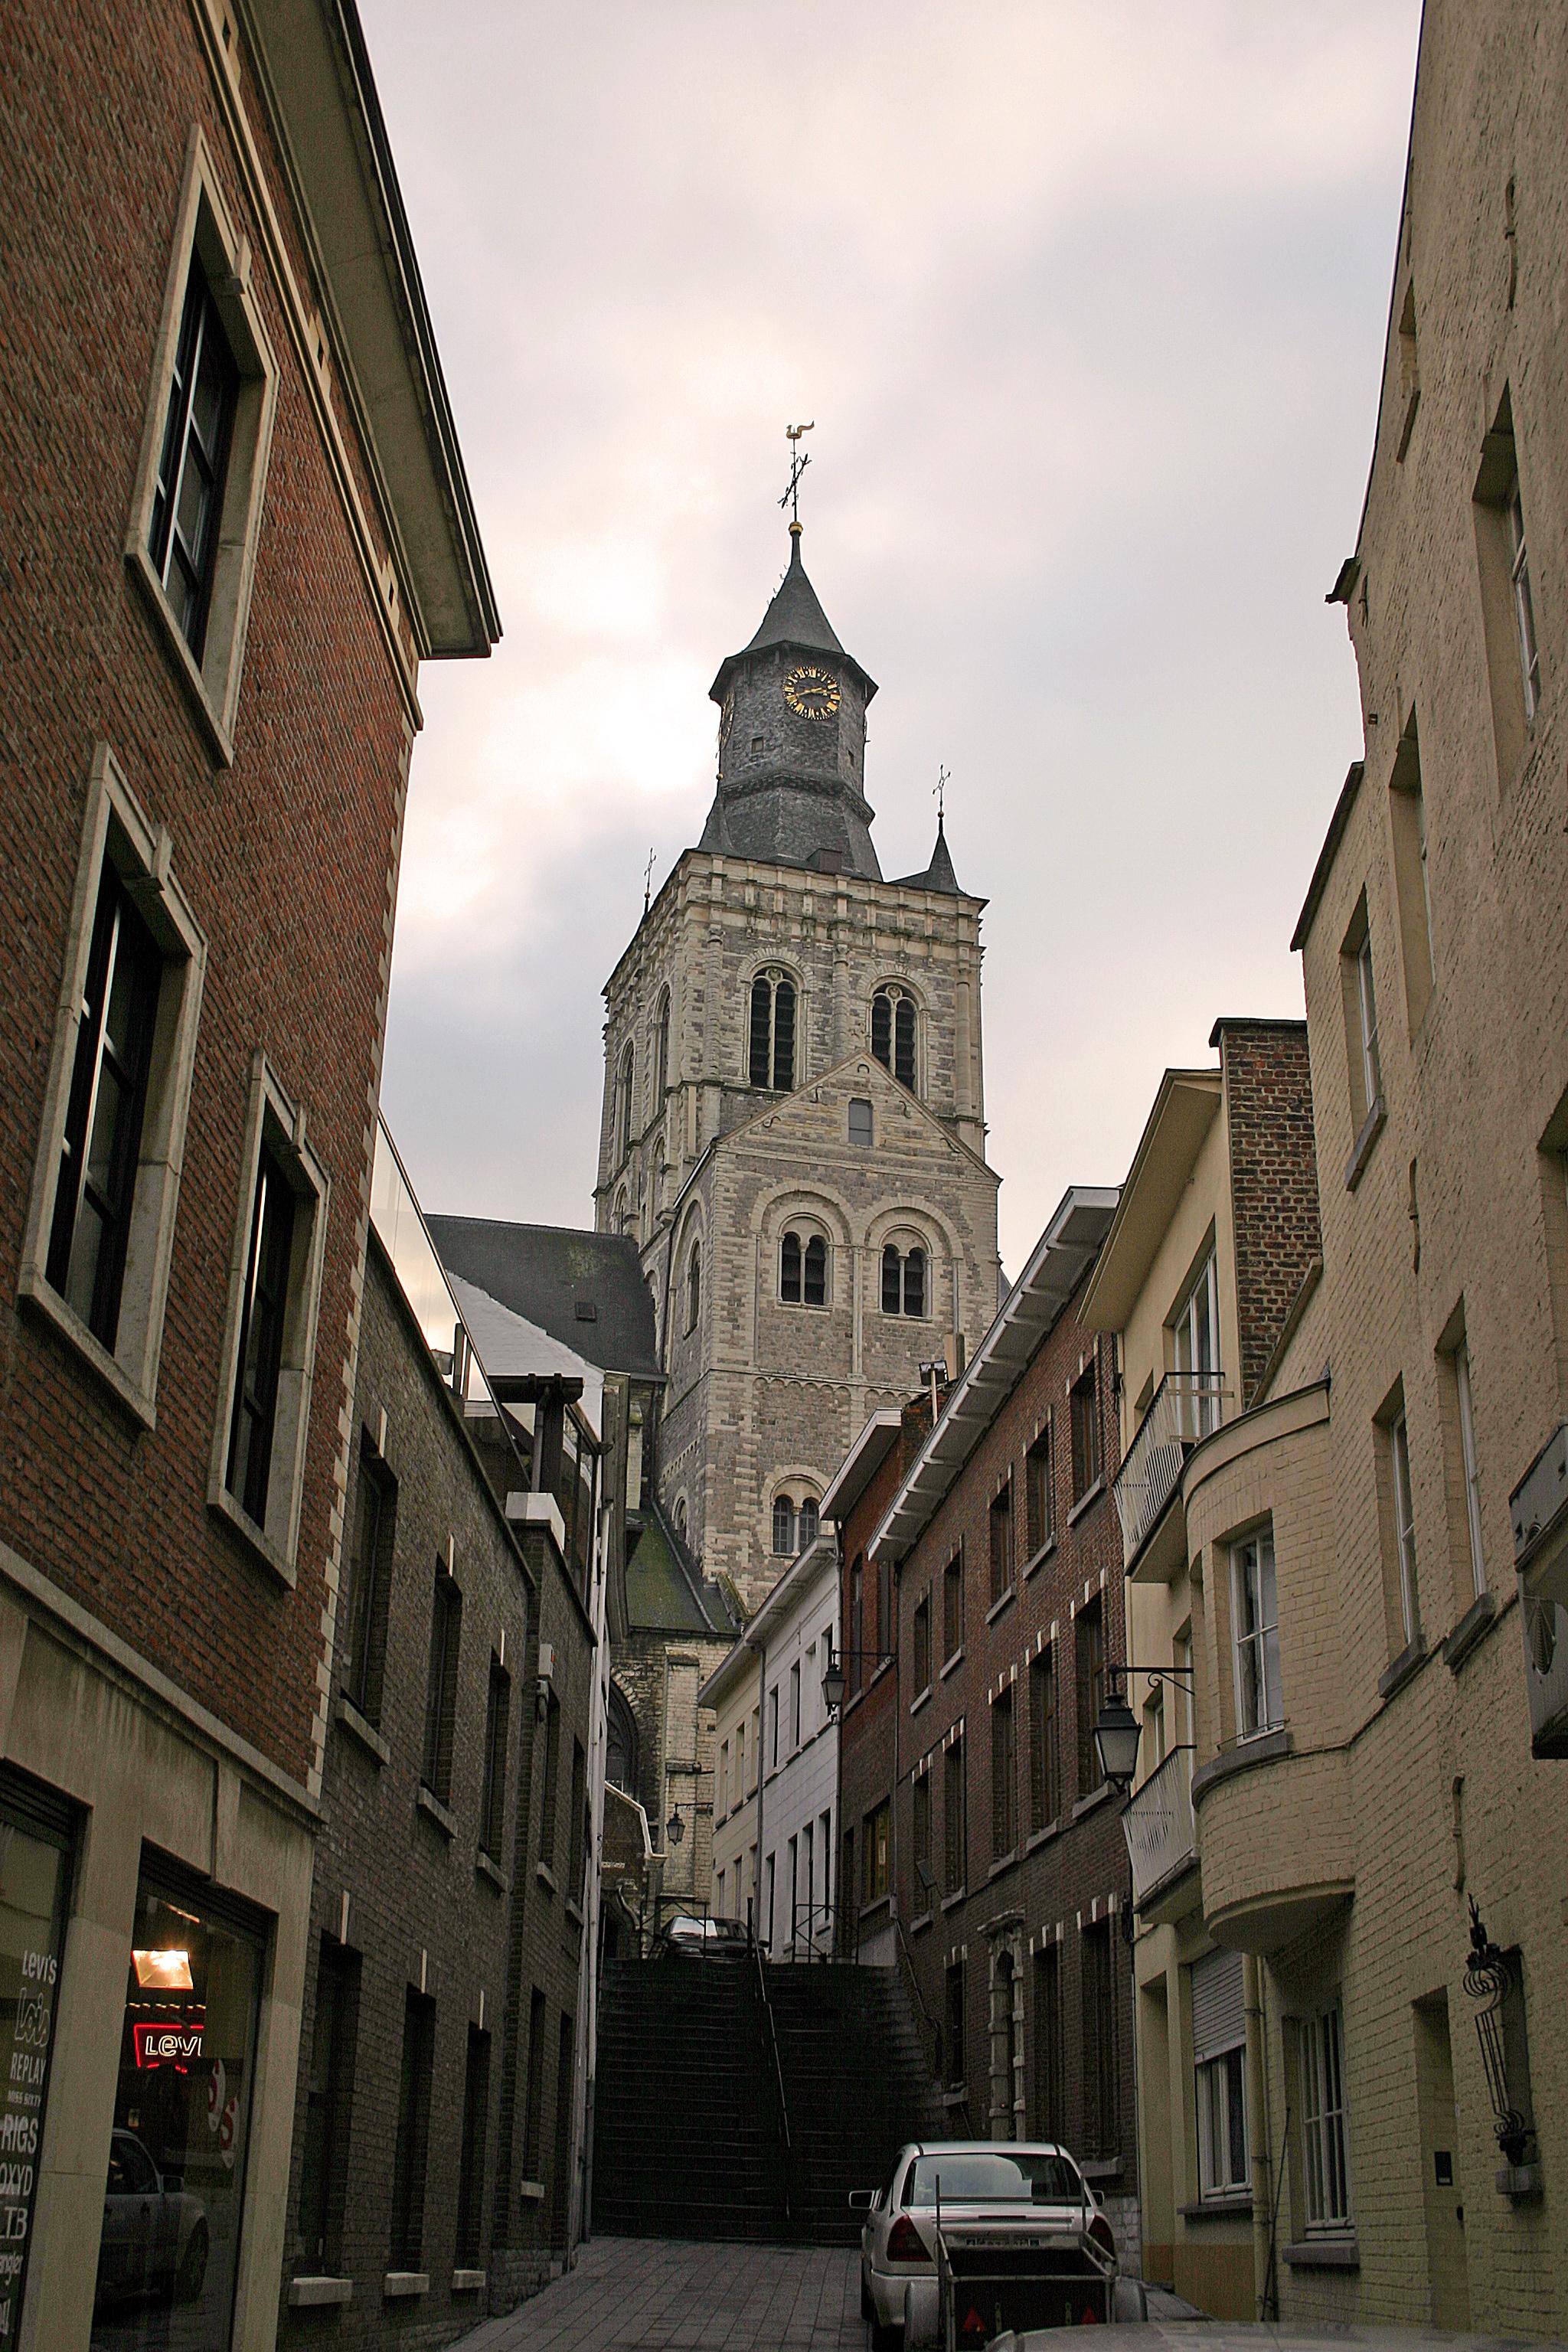 De Sint-Germanuskerk te Tienen. (Afbeelding: E. Kempeneers/Wikimedia Commons)